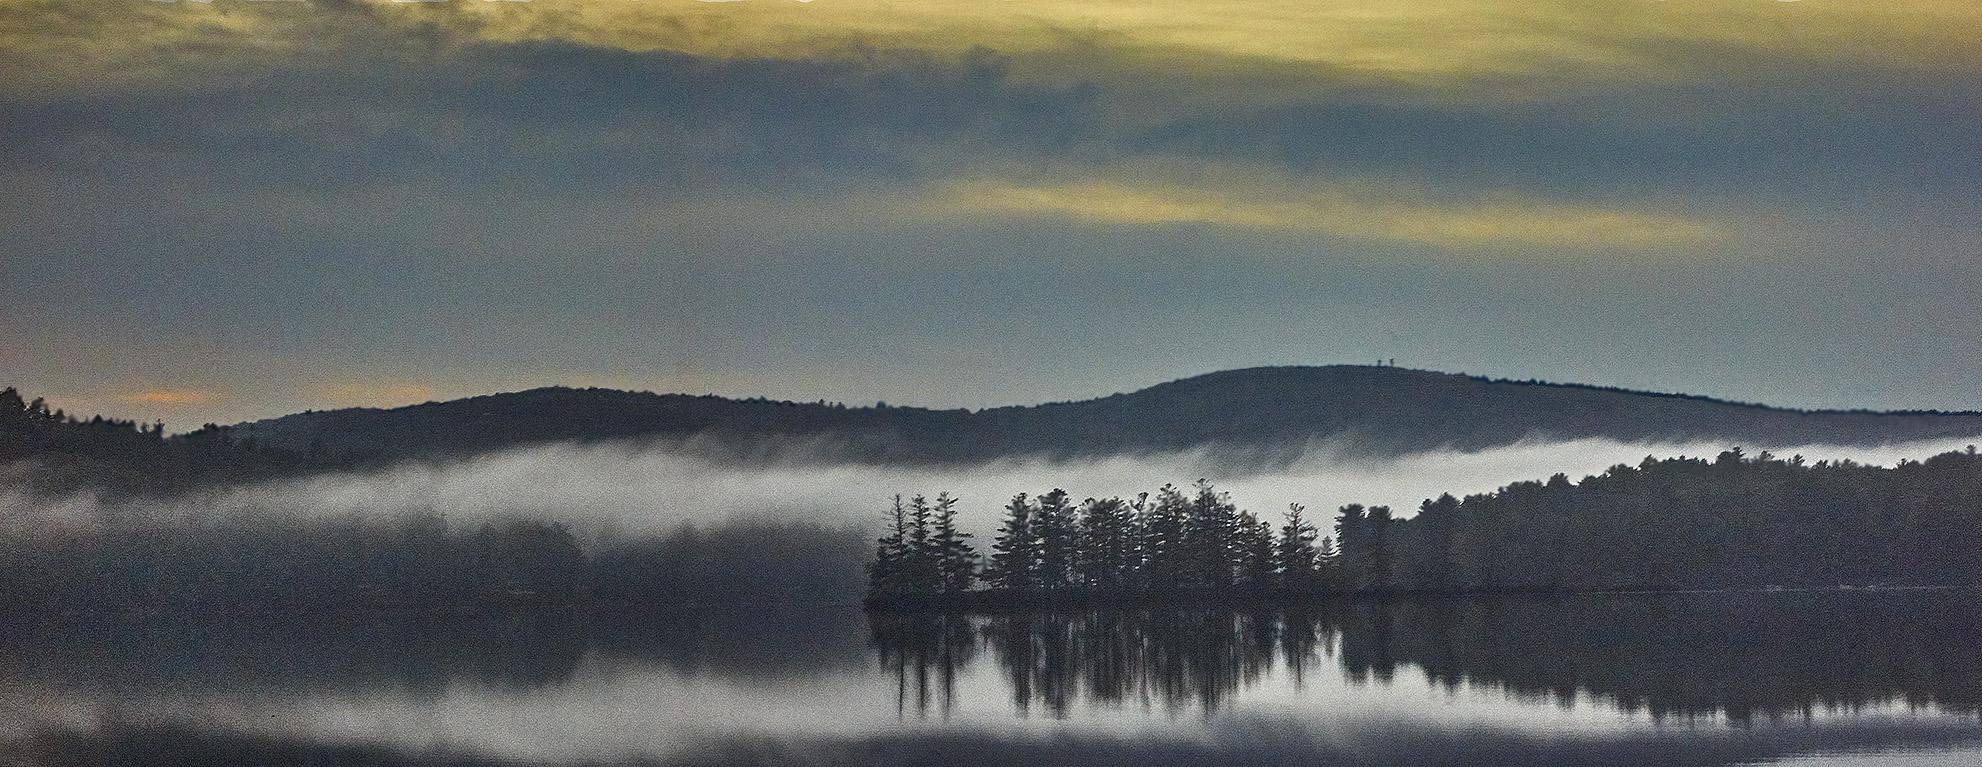 foggy kezar panorama by schuster in Regular Member Gallery